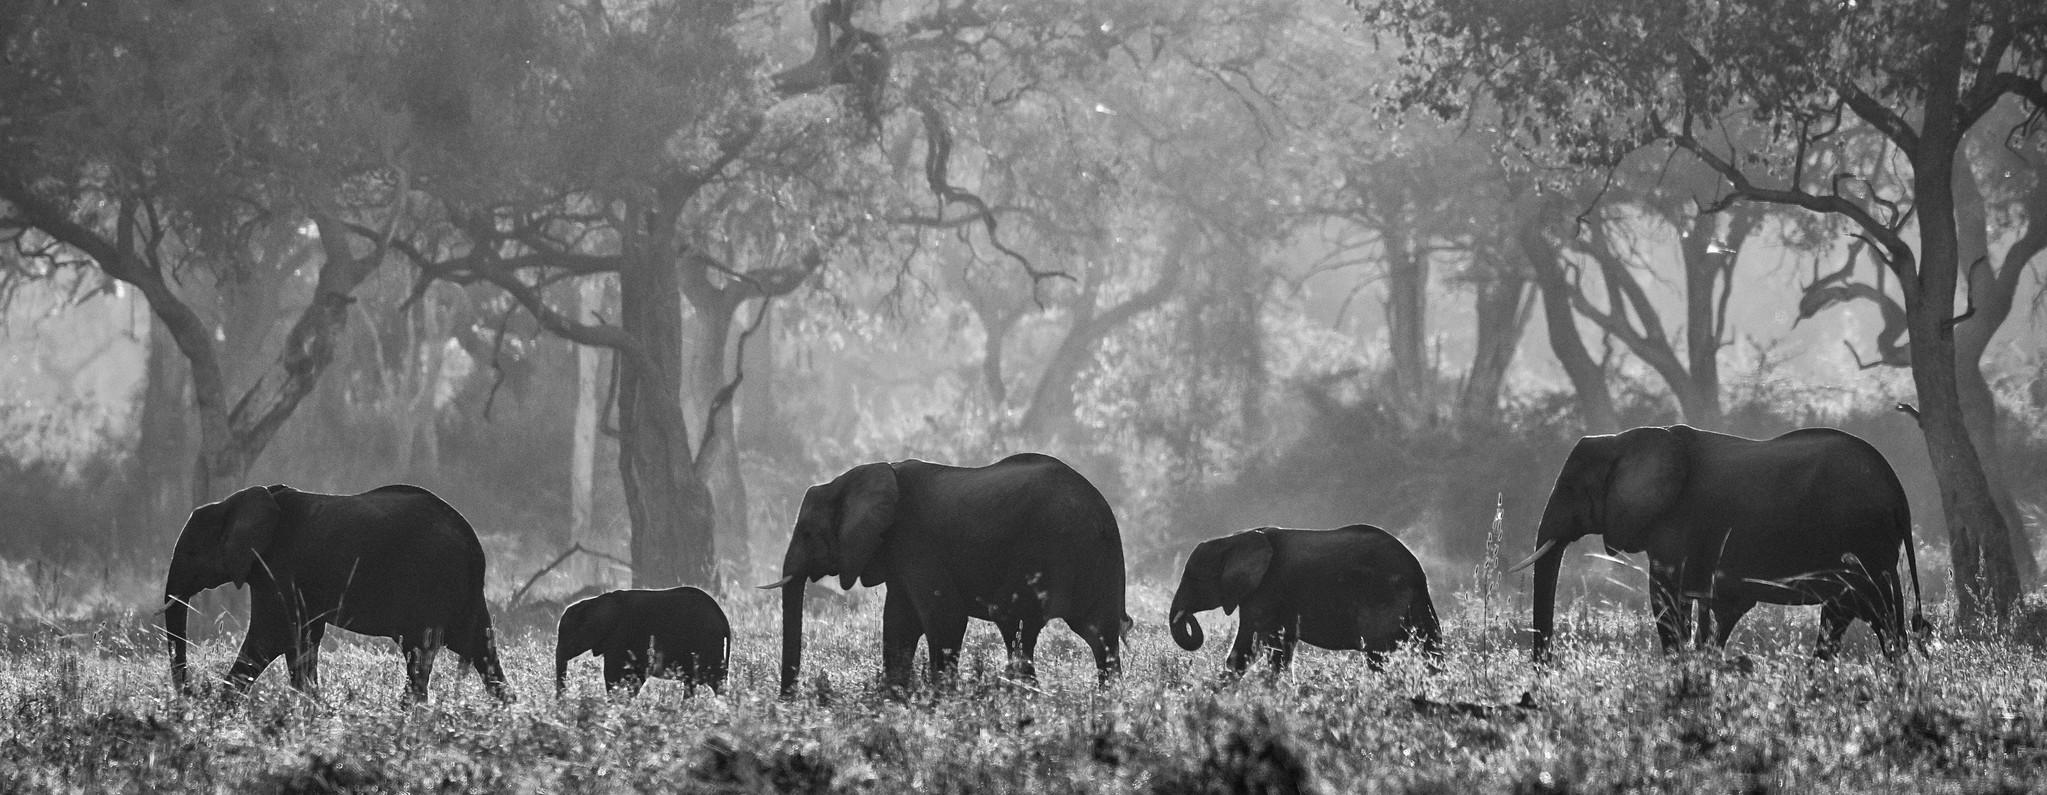 ELEPHANTS CROSSING - Zambia 2019.jpg